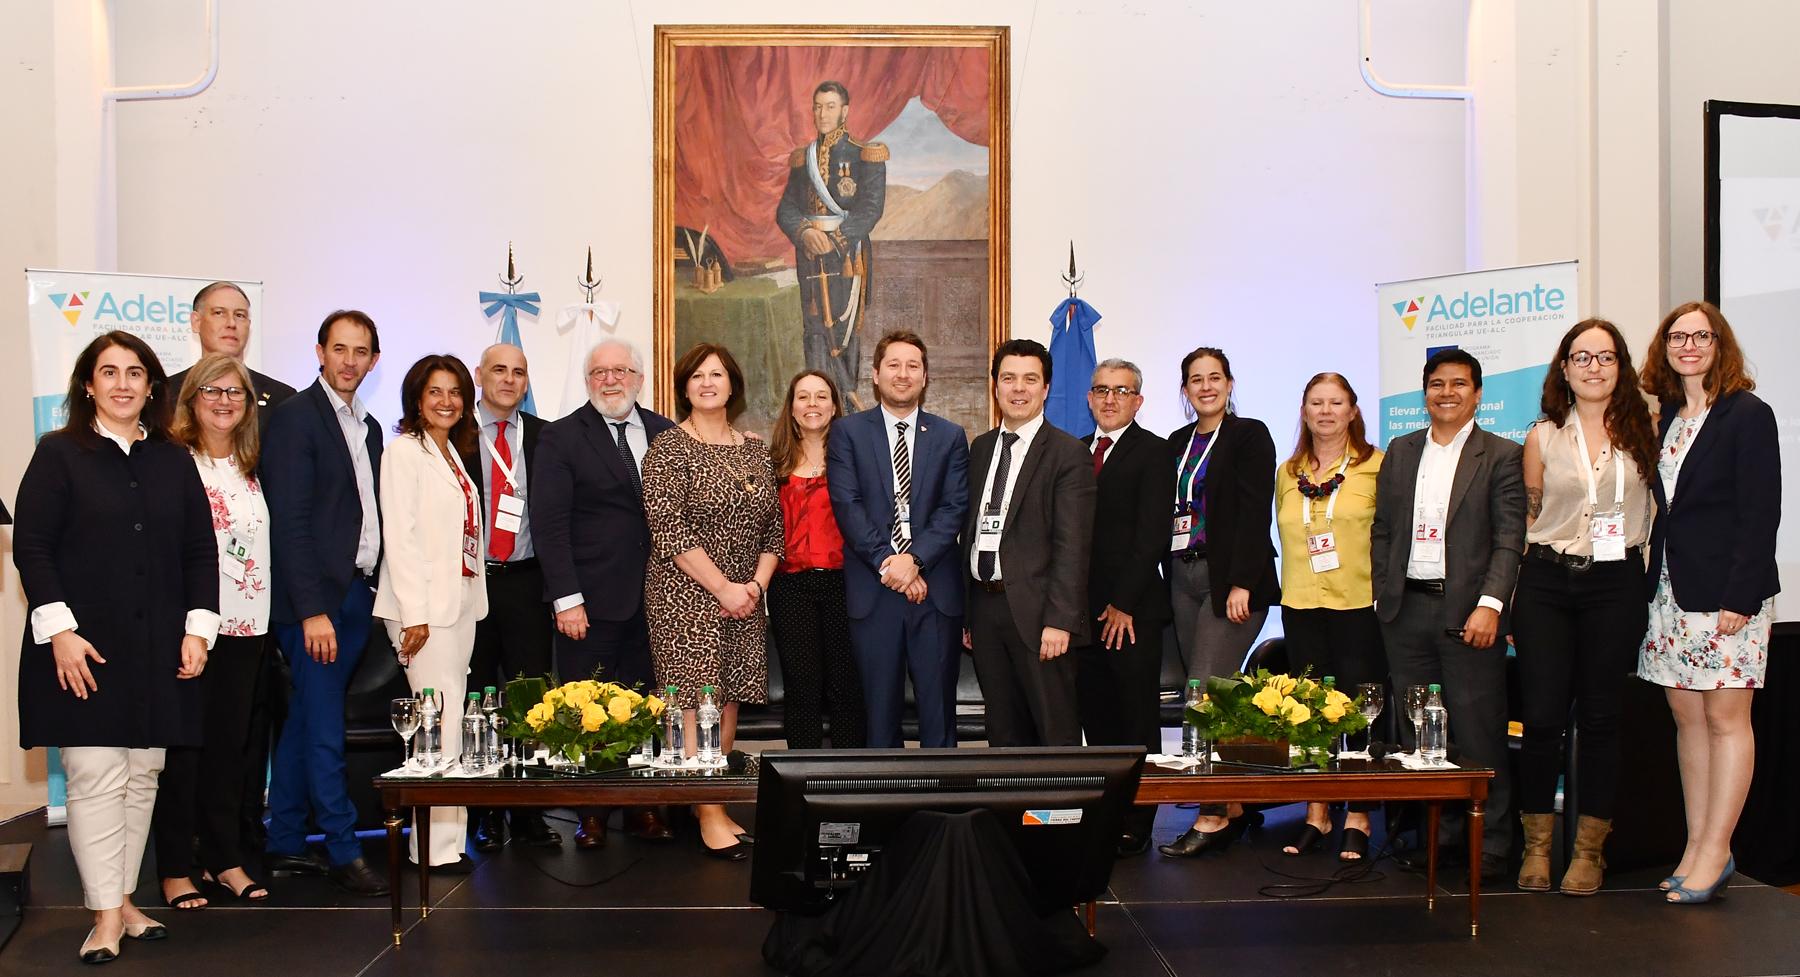 Foto de grupo con los varios intervenientes.